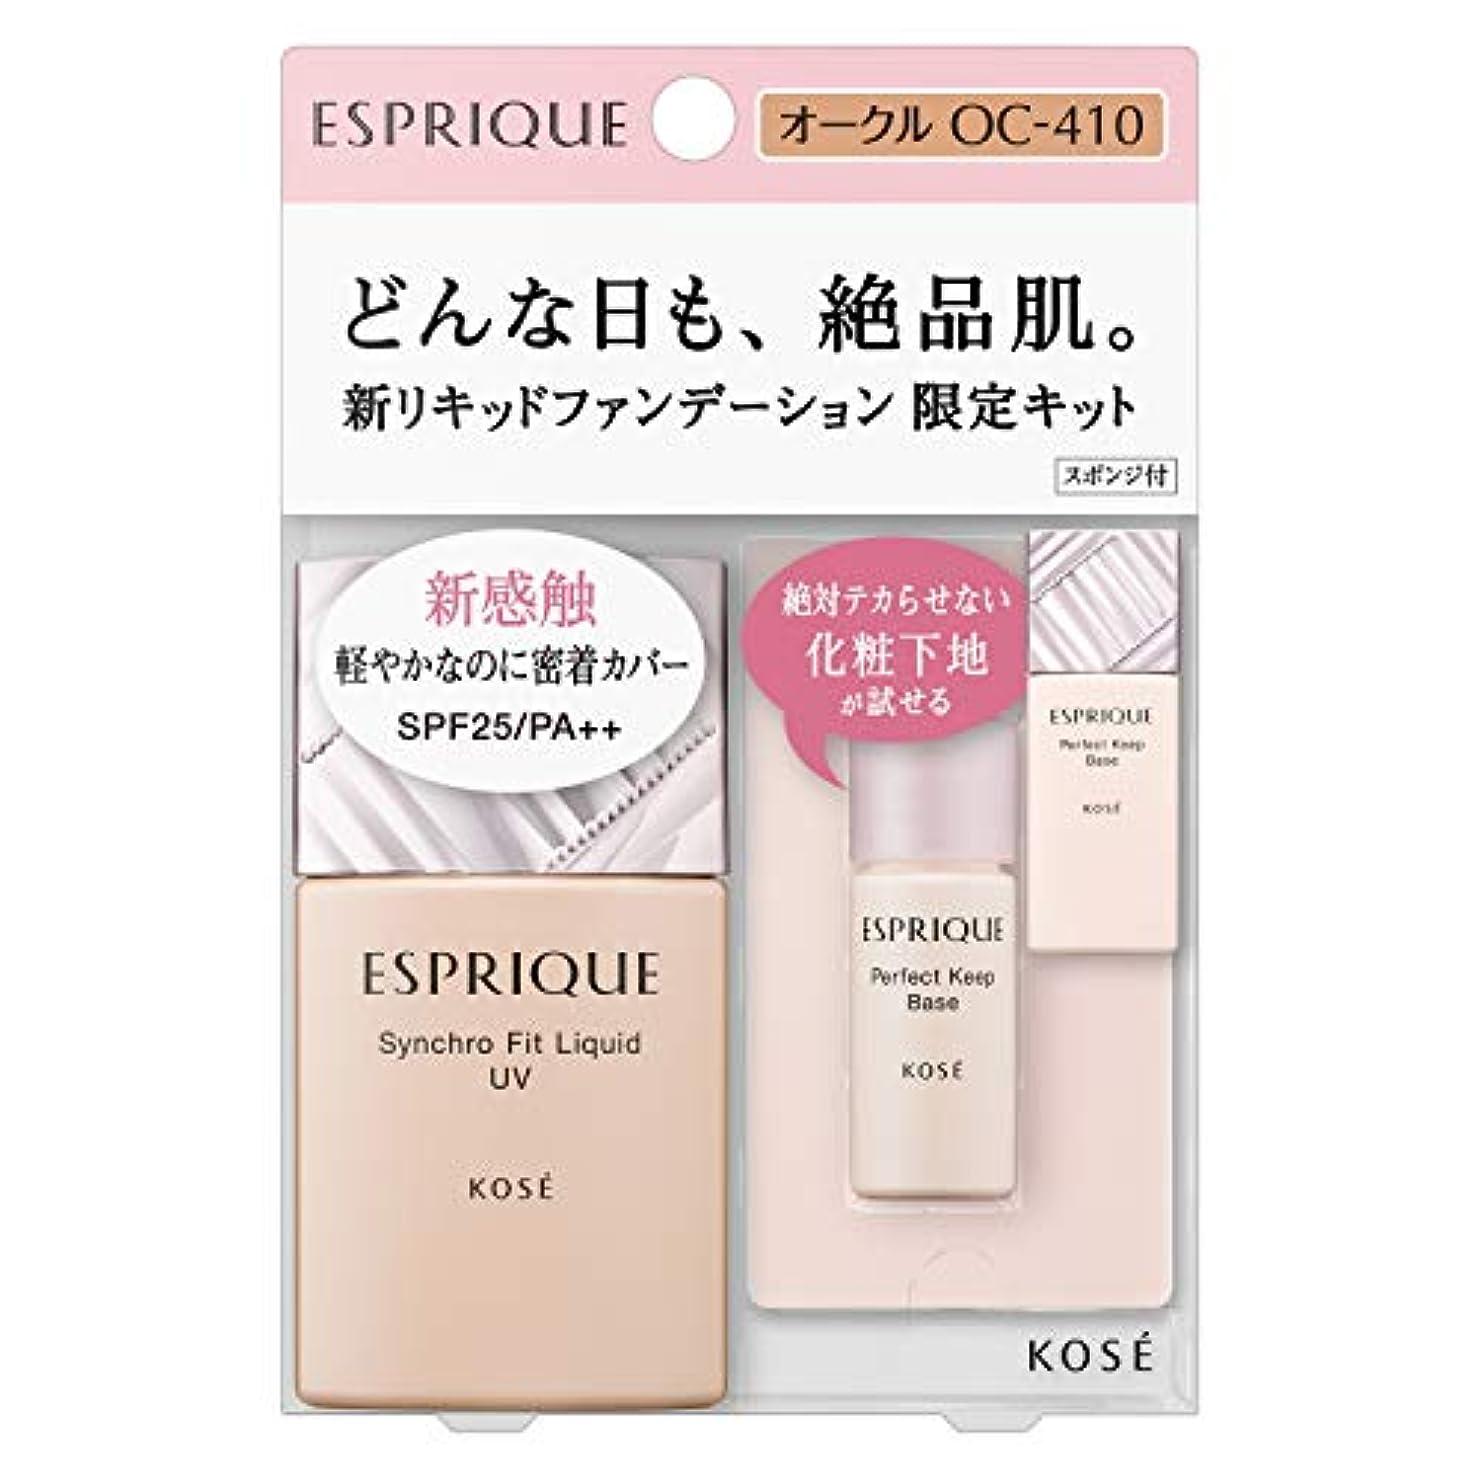 心のこもった睡眠売上高ESPRIQUE(エスプリーク) エスプリーク シンクロフィット リキッド UV 限定キット ファンデーション 無香料 OC-410 オークル セット 1セット